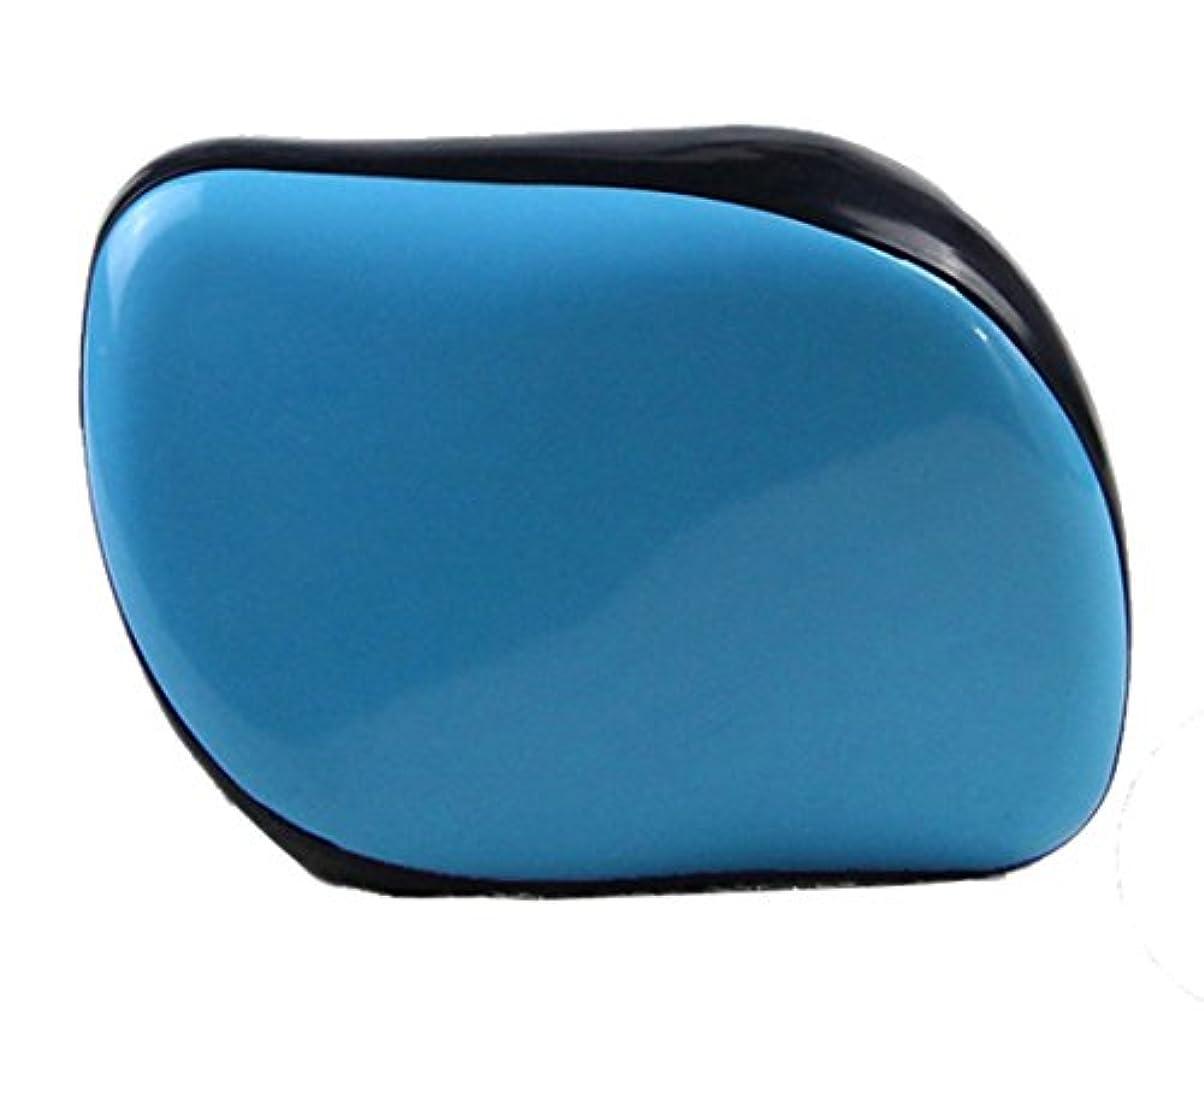 感情カヌー検出するMaltose 旅行用 シャンプー 美髪シャンプーブラシ 絡まないくし 男性用 絡まないヘアブラシ 女性用 旅行用 静電気防止 4色 (青)